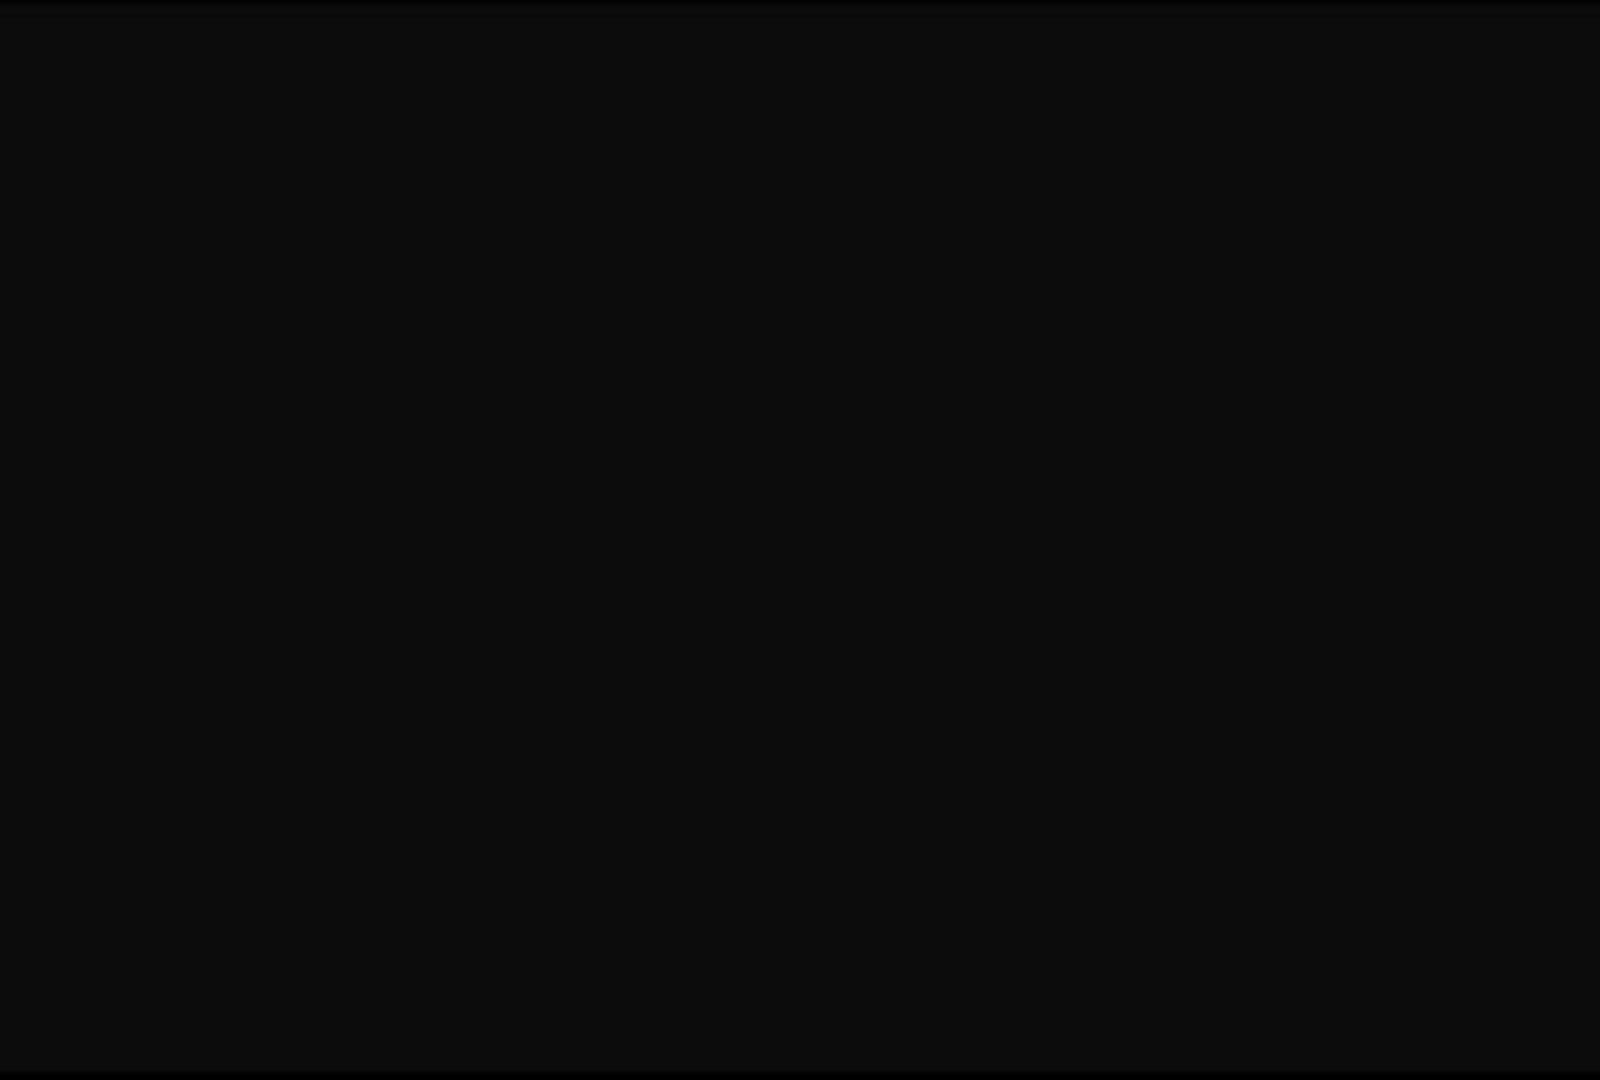 フリマのギャルパンVol.7 チラ  84枚 53